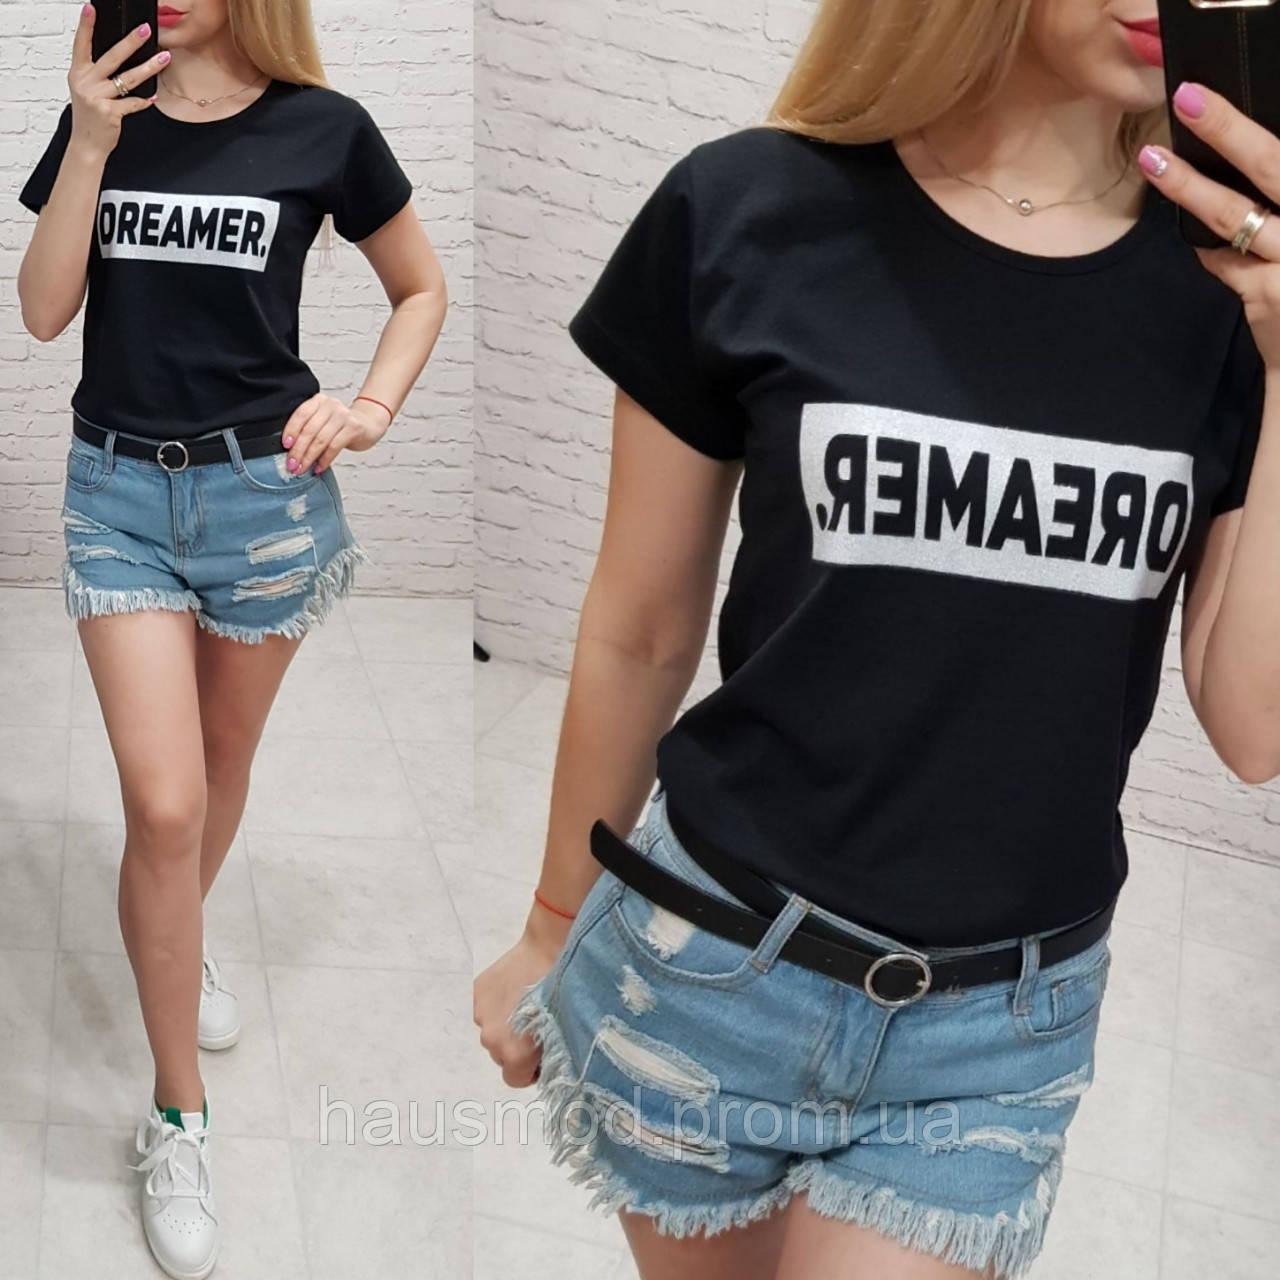 Женская футболка летняя качество Dreamer турция 100% катон цвет черный